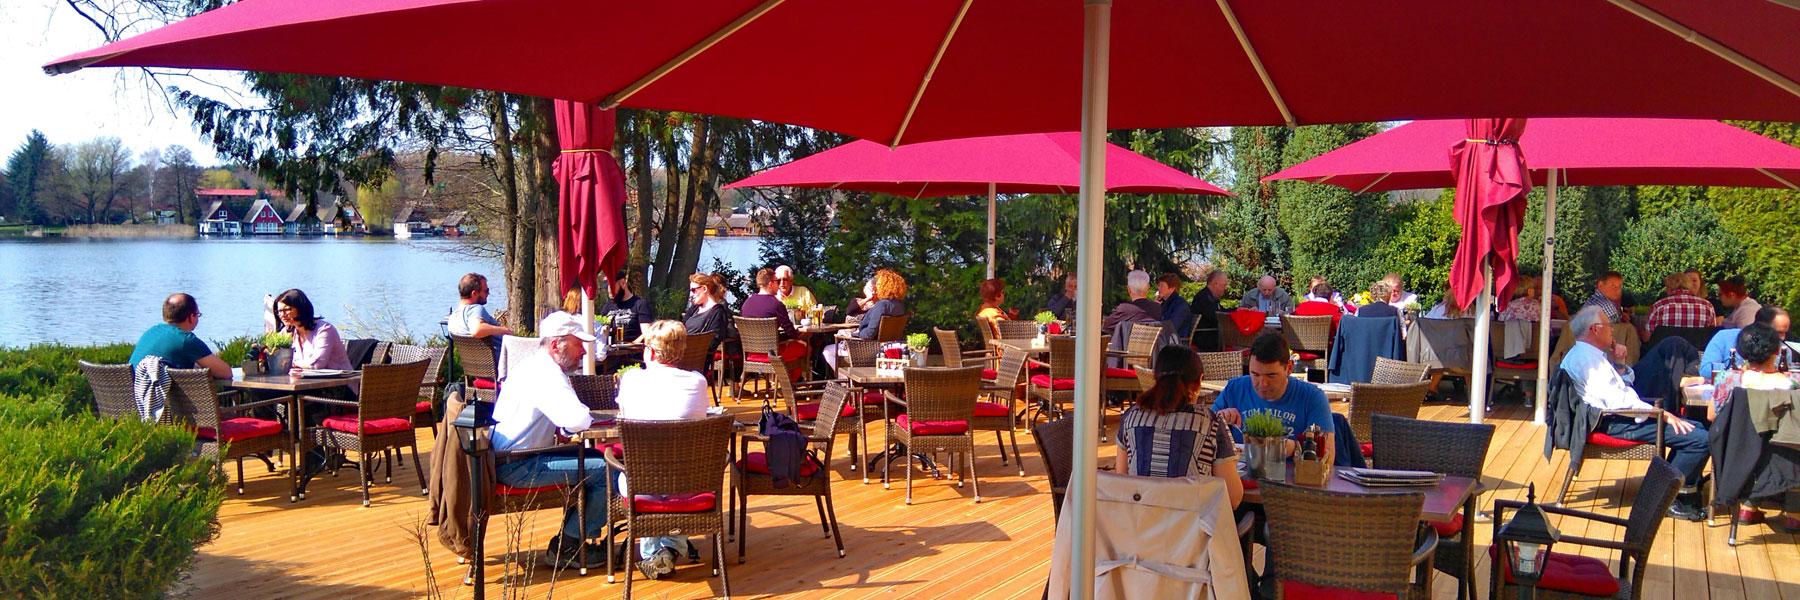 Terrasse - Alte Schlossbrauerei Restaurant & Hotel